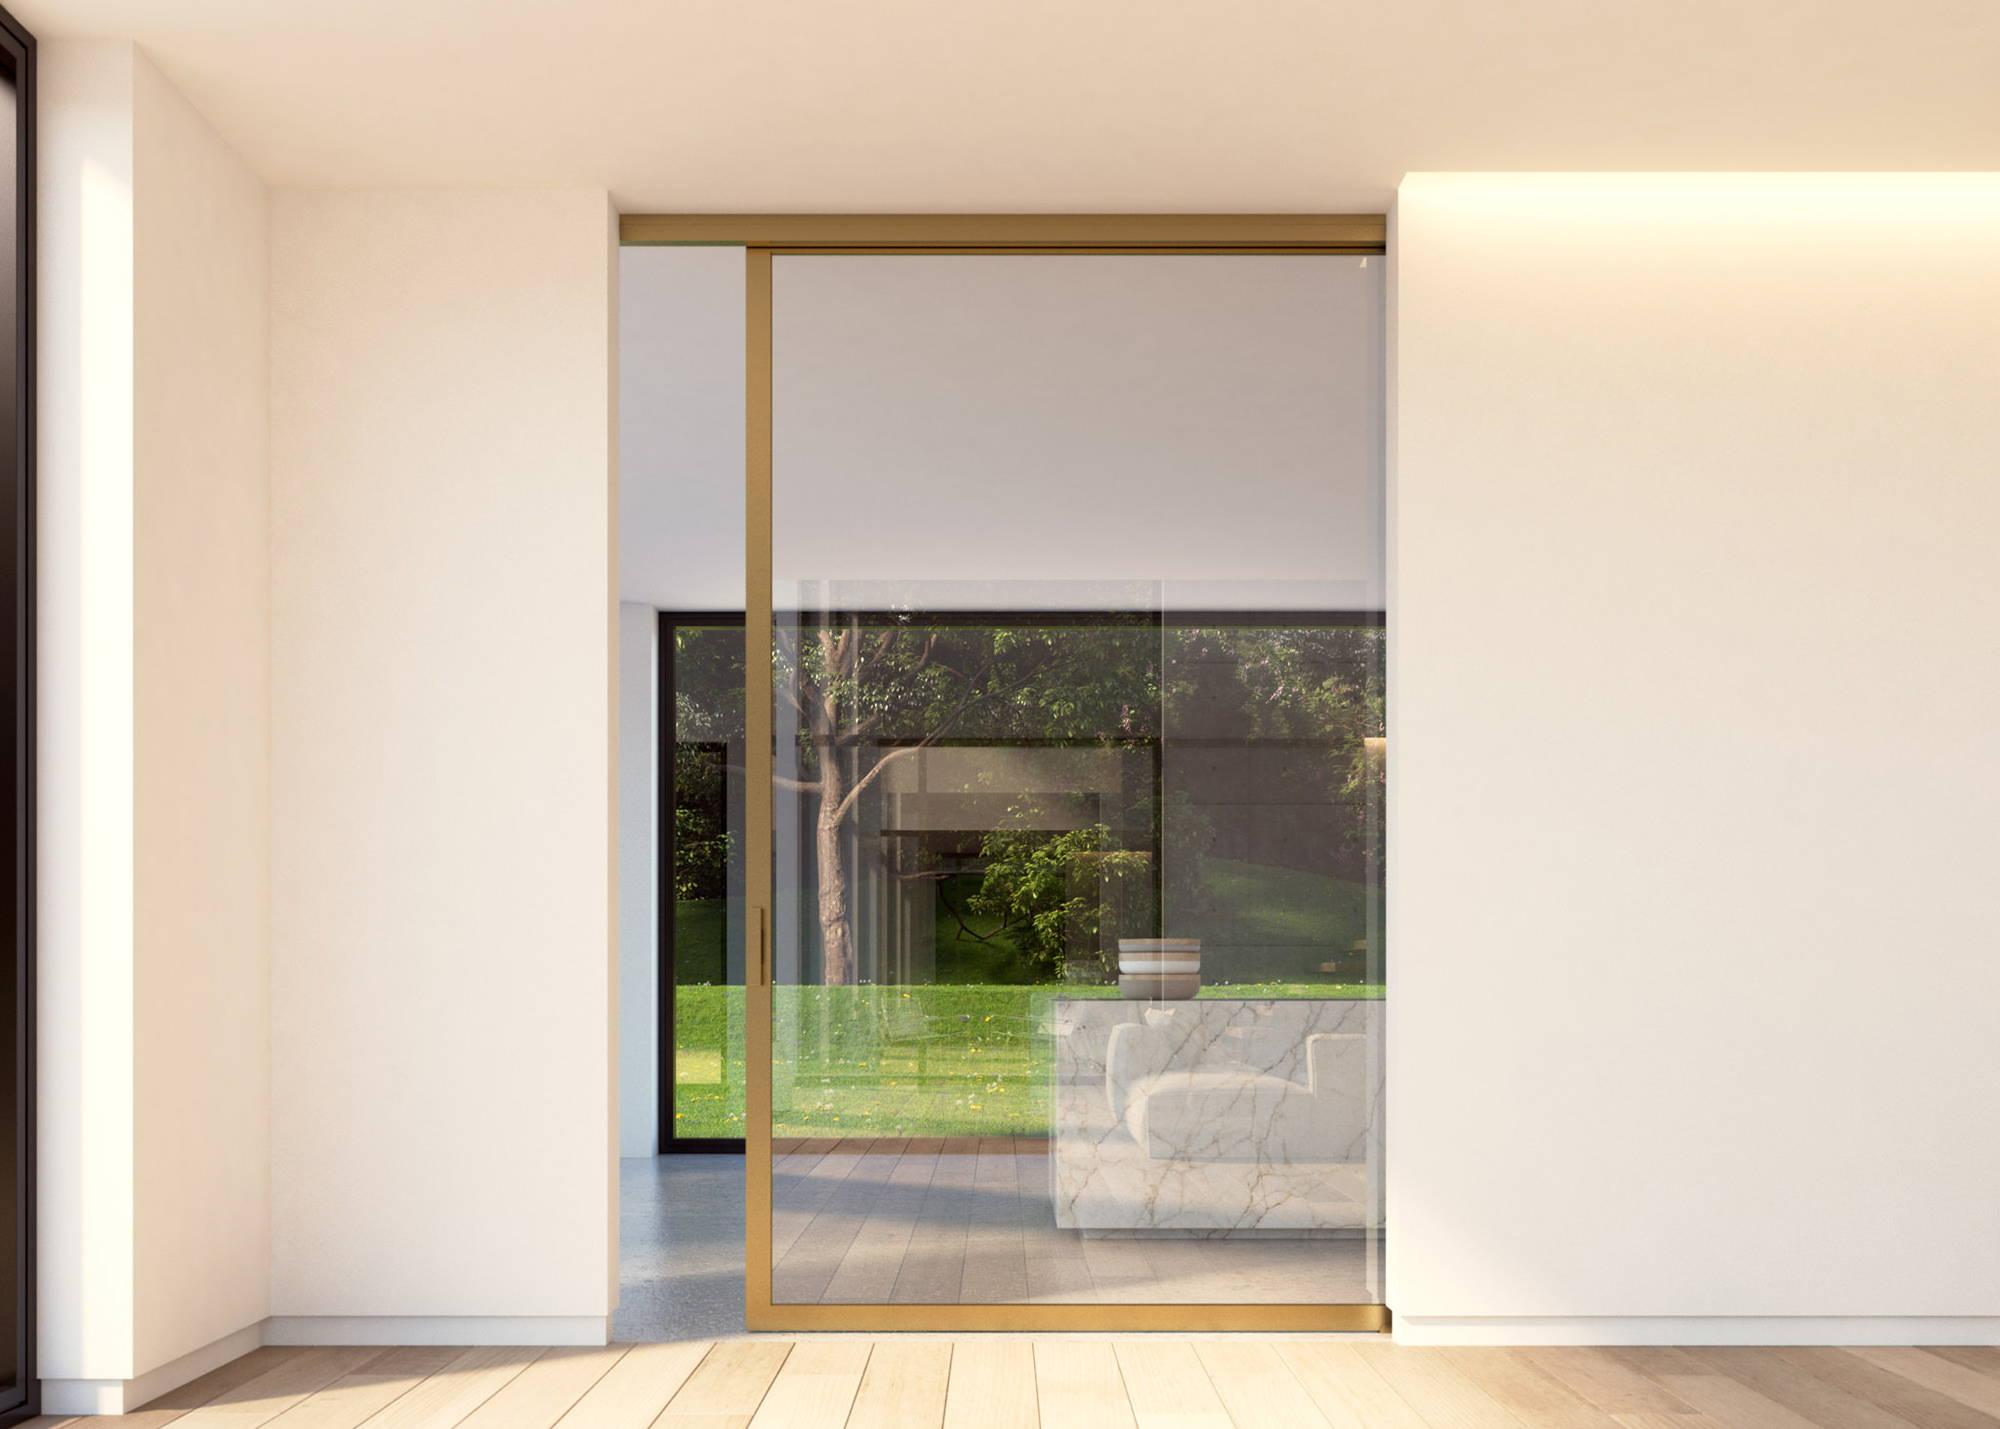 Slideways 6530 bronze ceiling mount sliding door